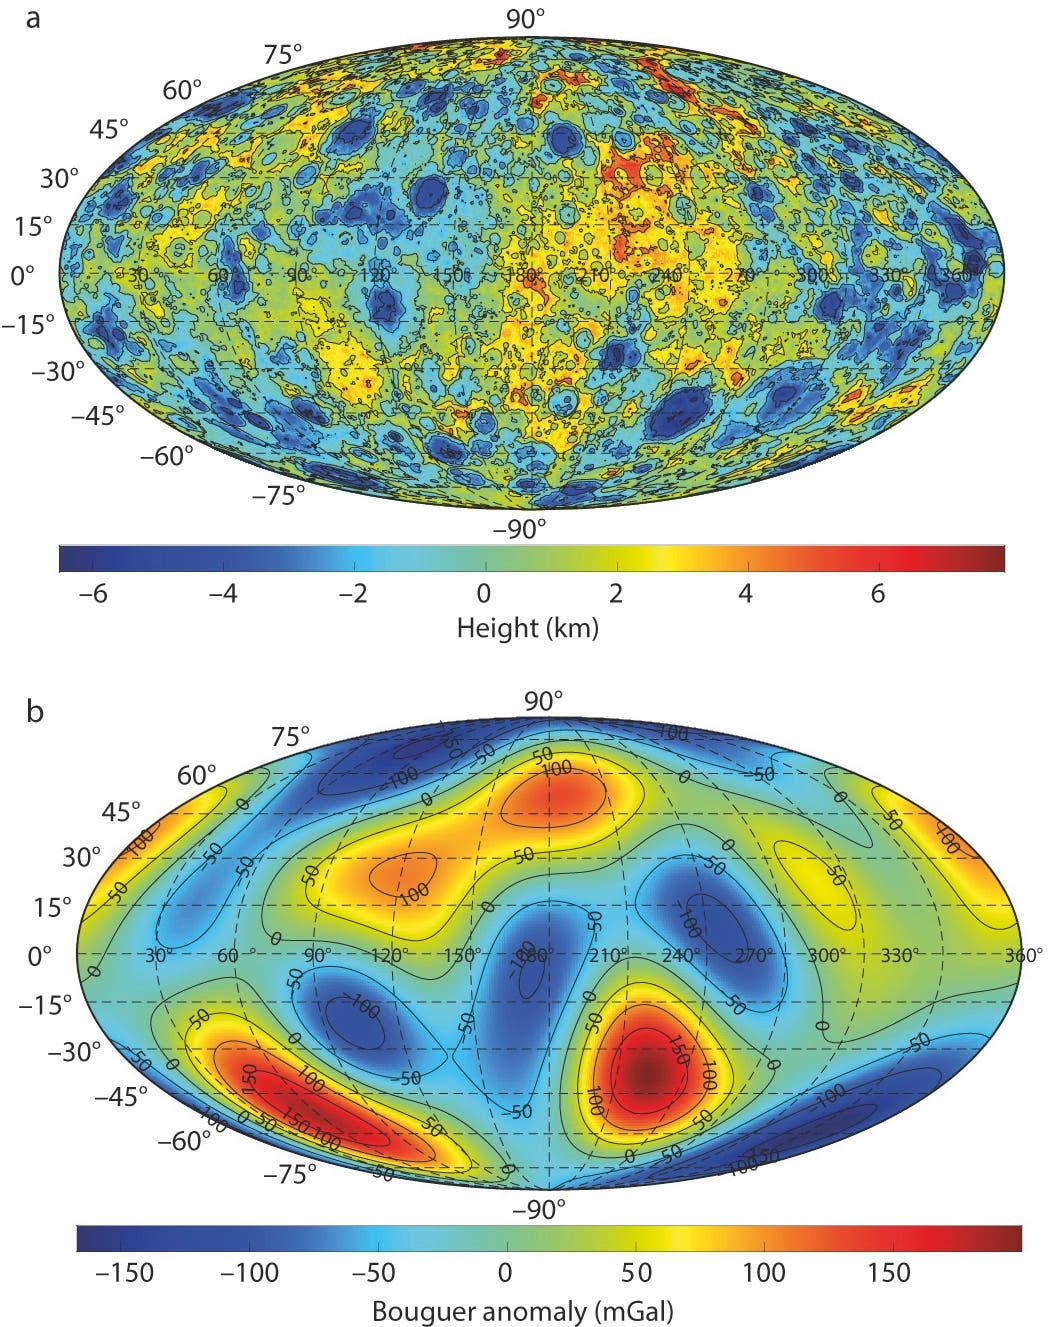 Vergleich der Topografie und der Bouguer-Schwereanomalie in Mollweide-Projektion